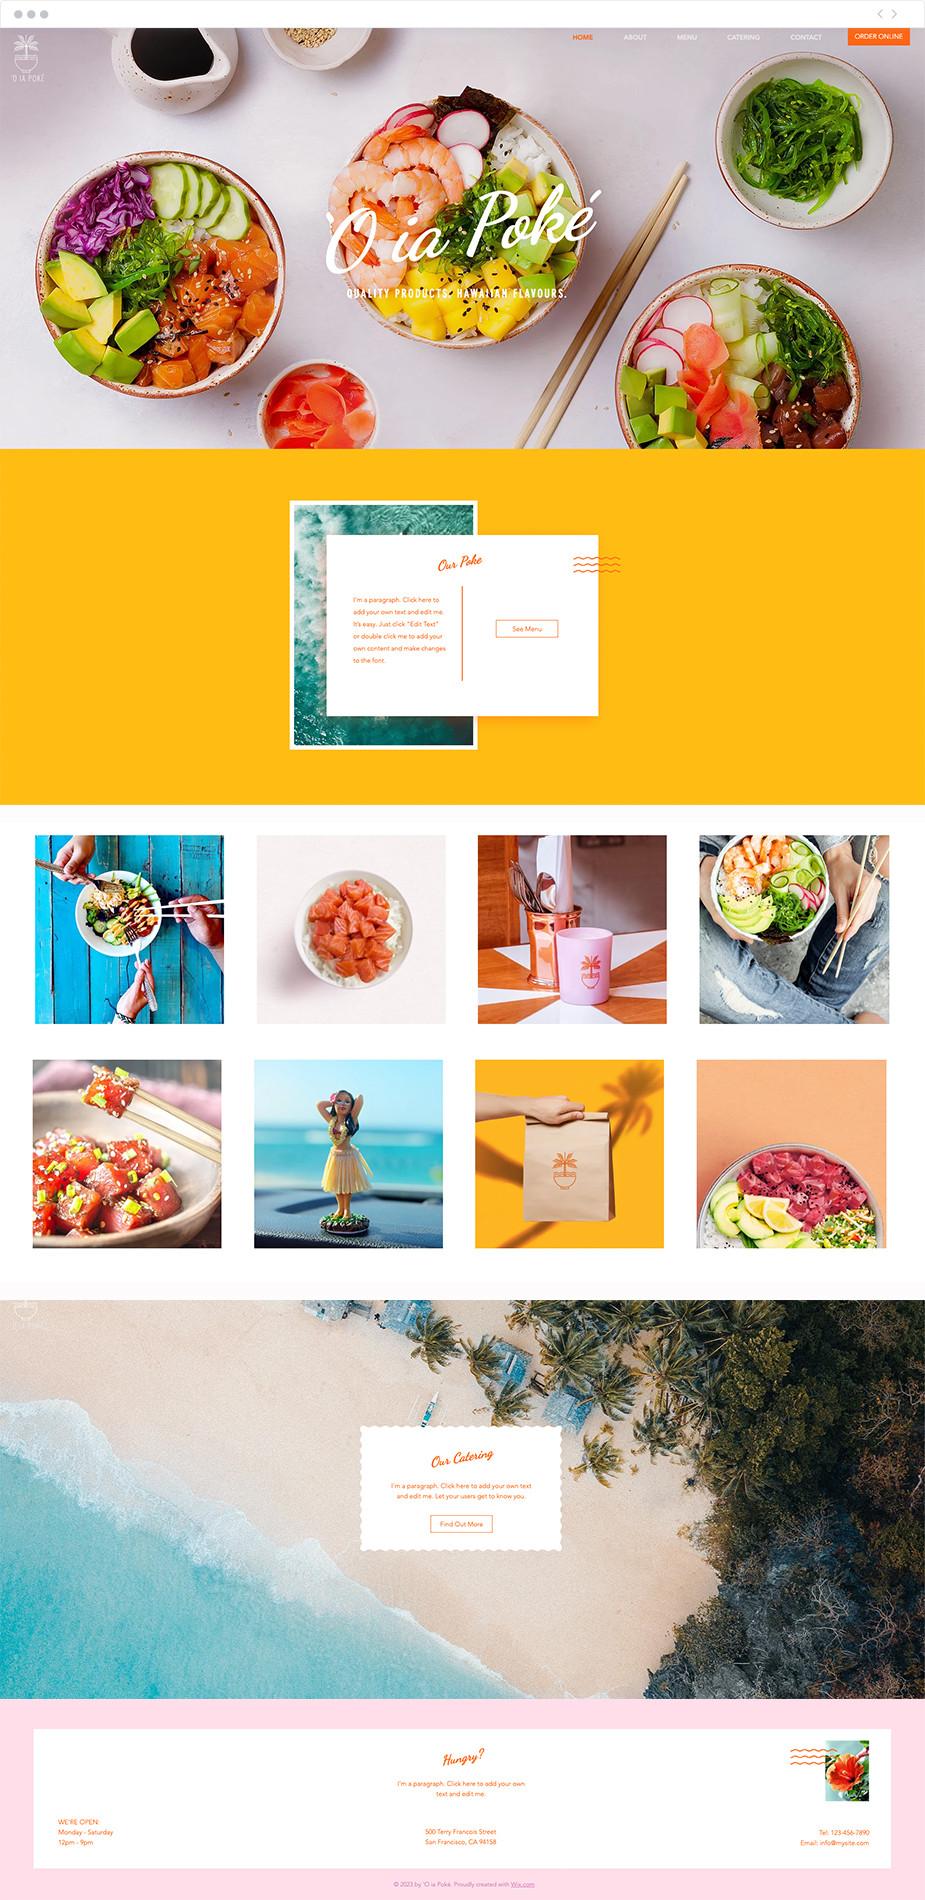 Template para Site de Restaurante de Poke